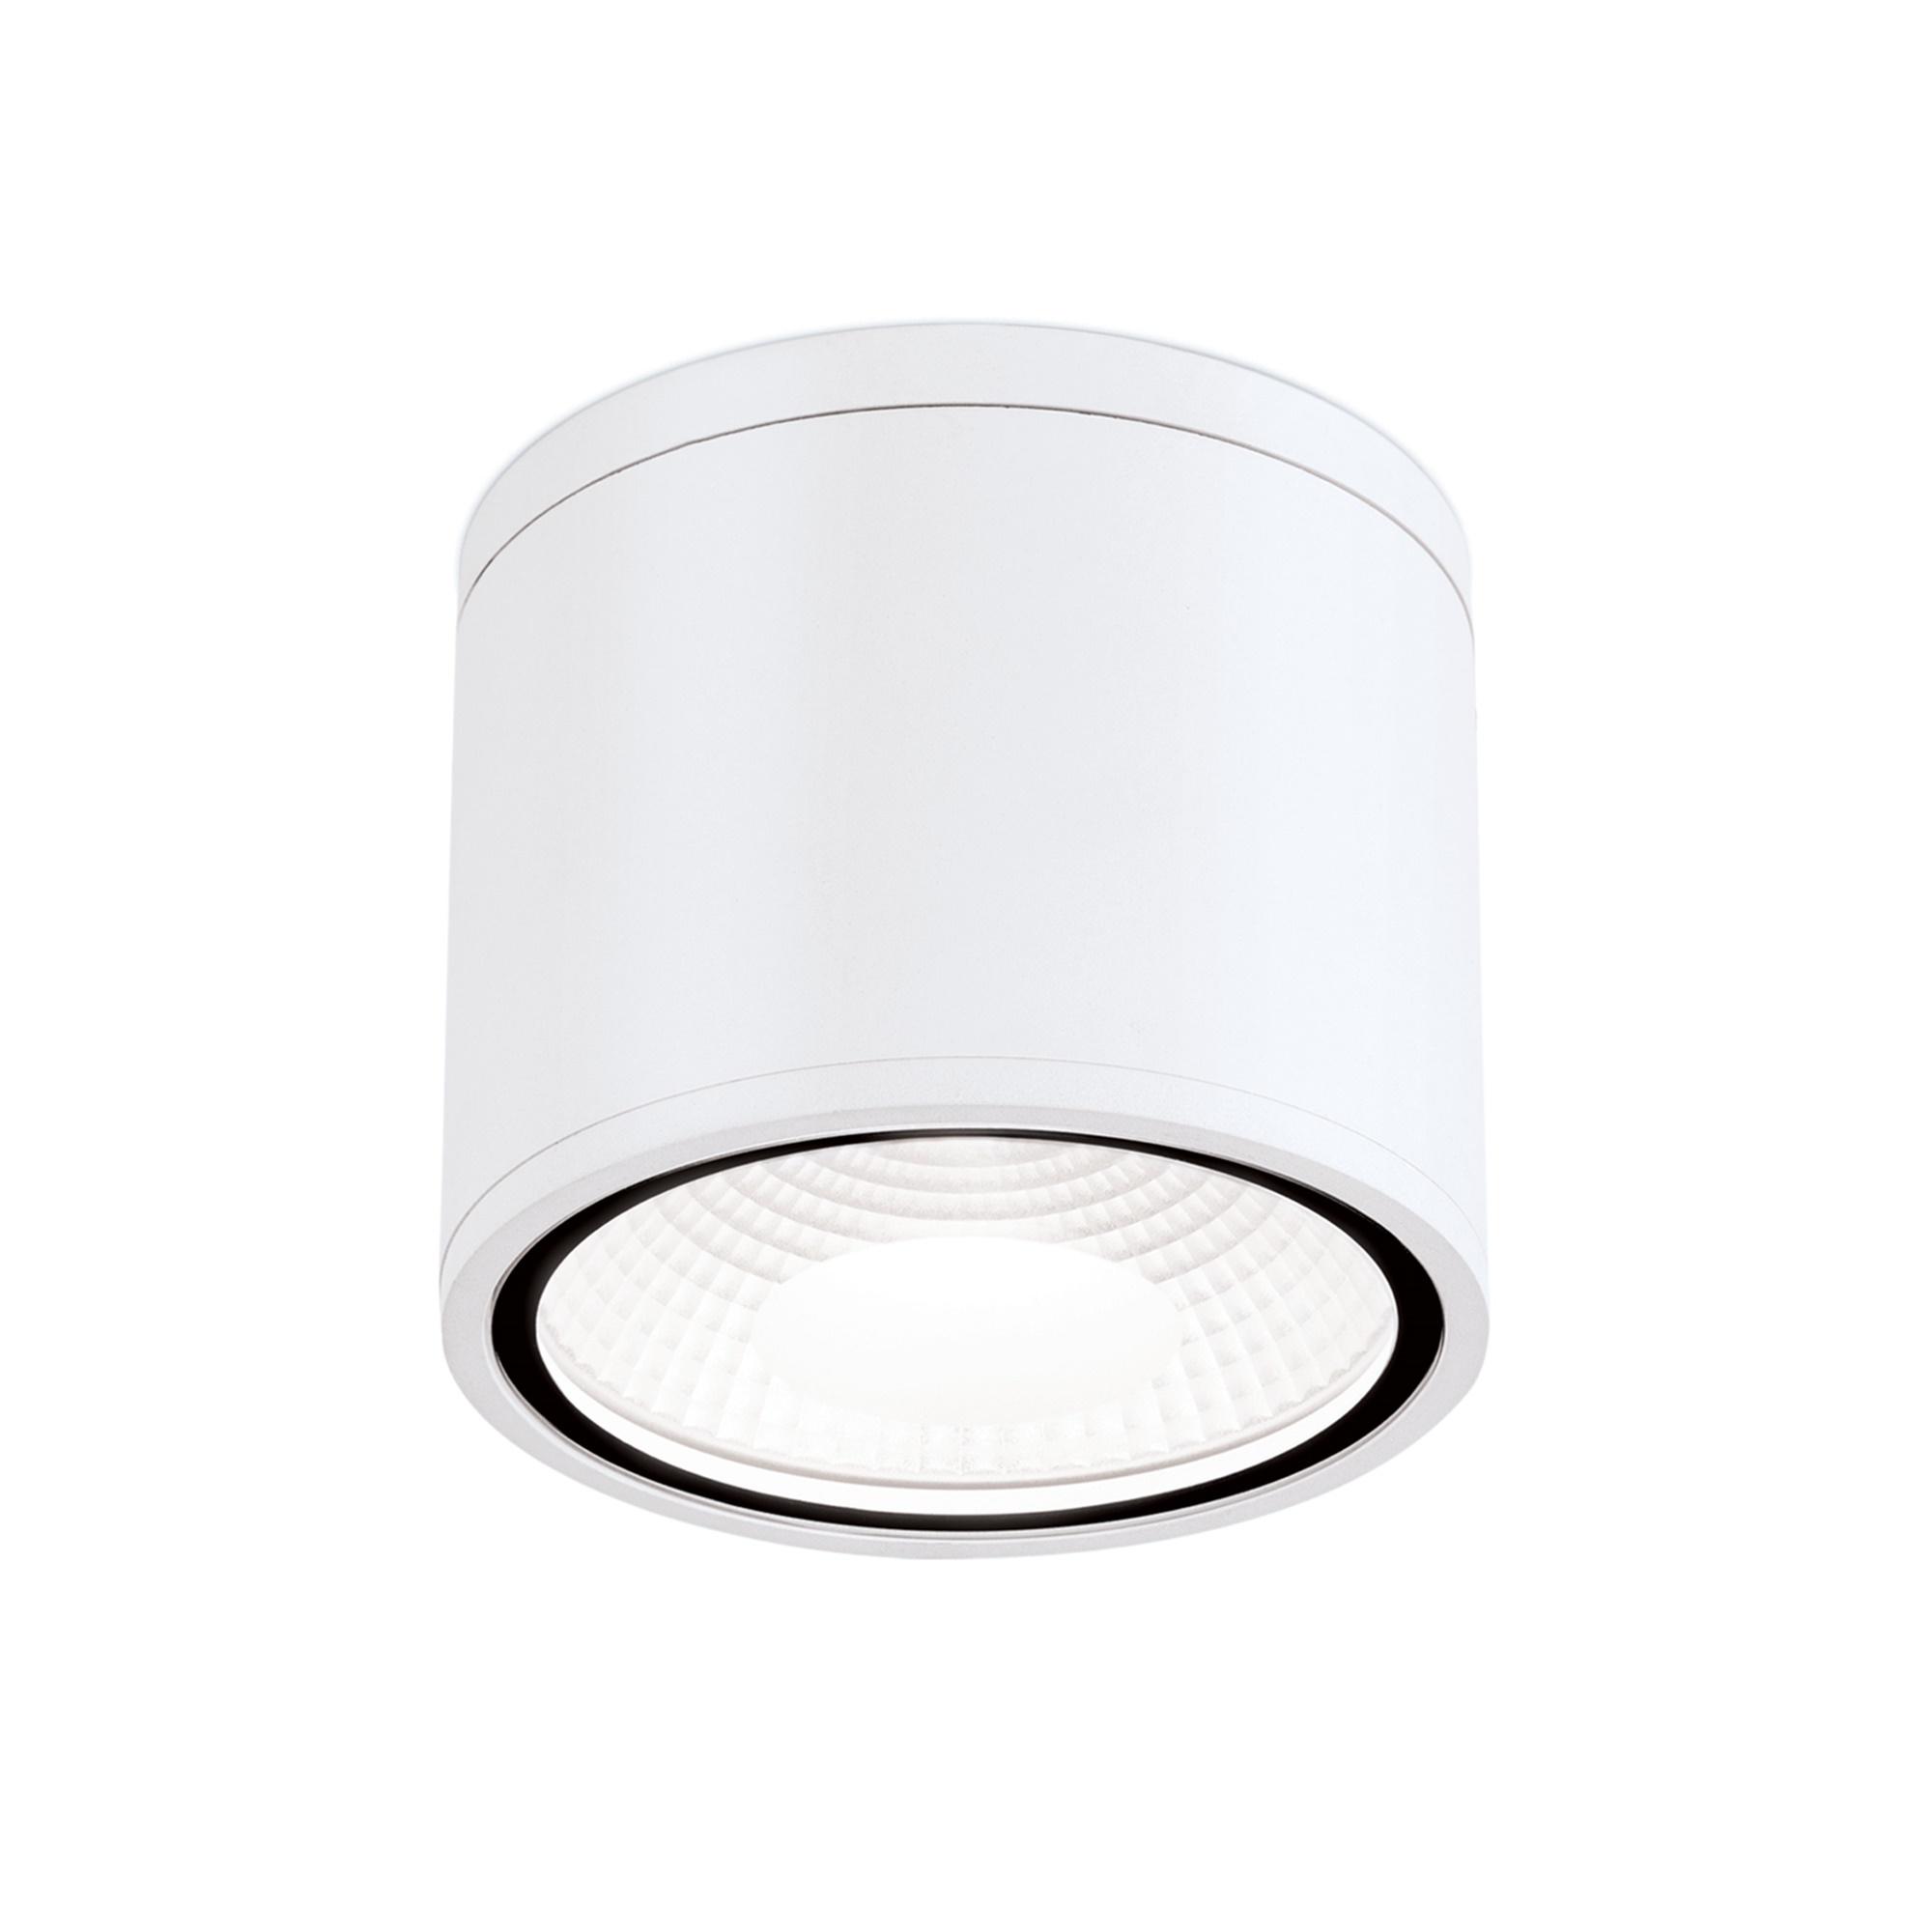 Hausmarke LED-Deckenaußenleuchte 15cm SPUTNIK weiß DL 7-665 weiß